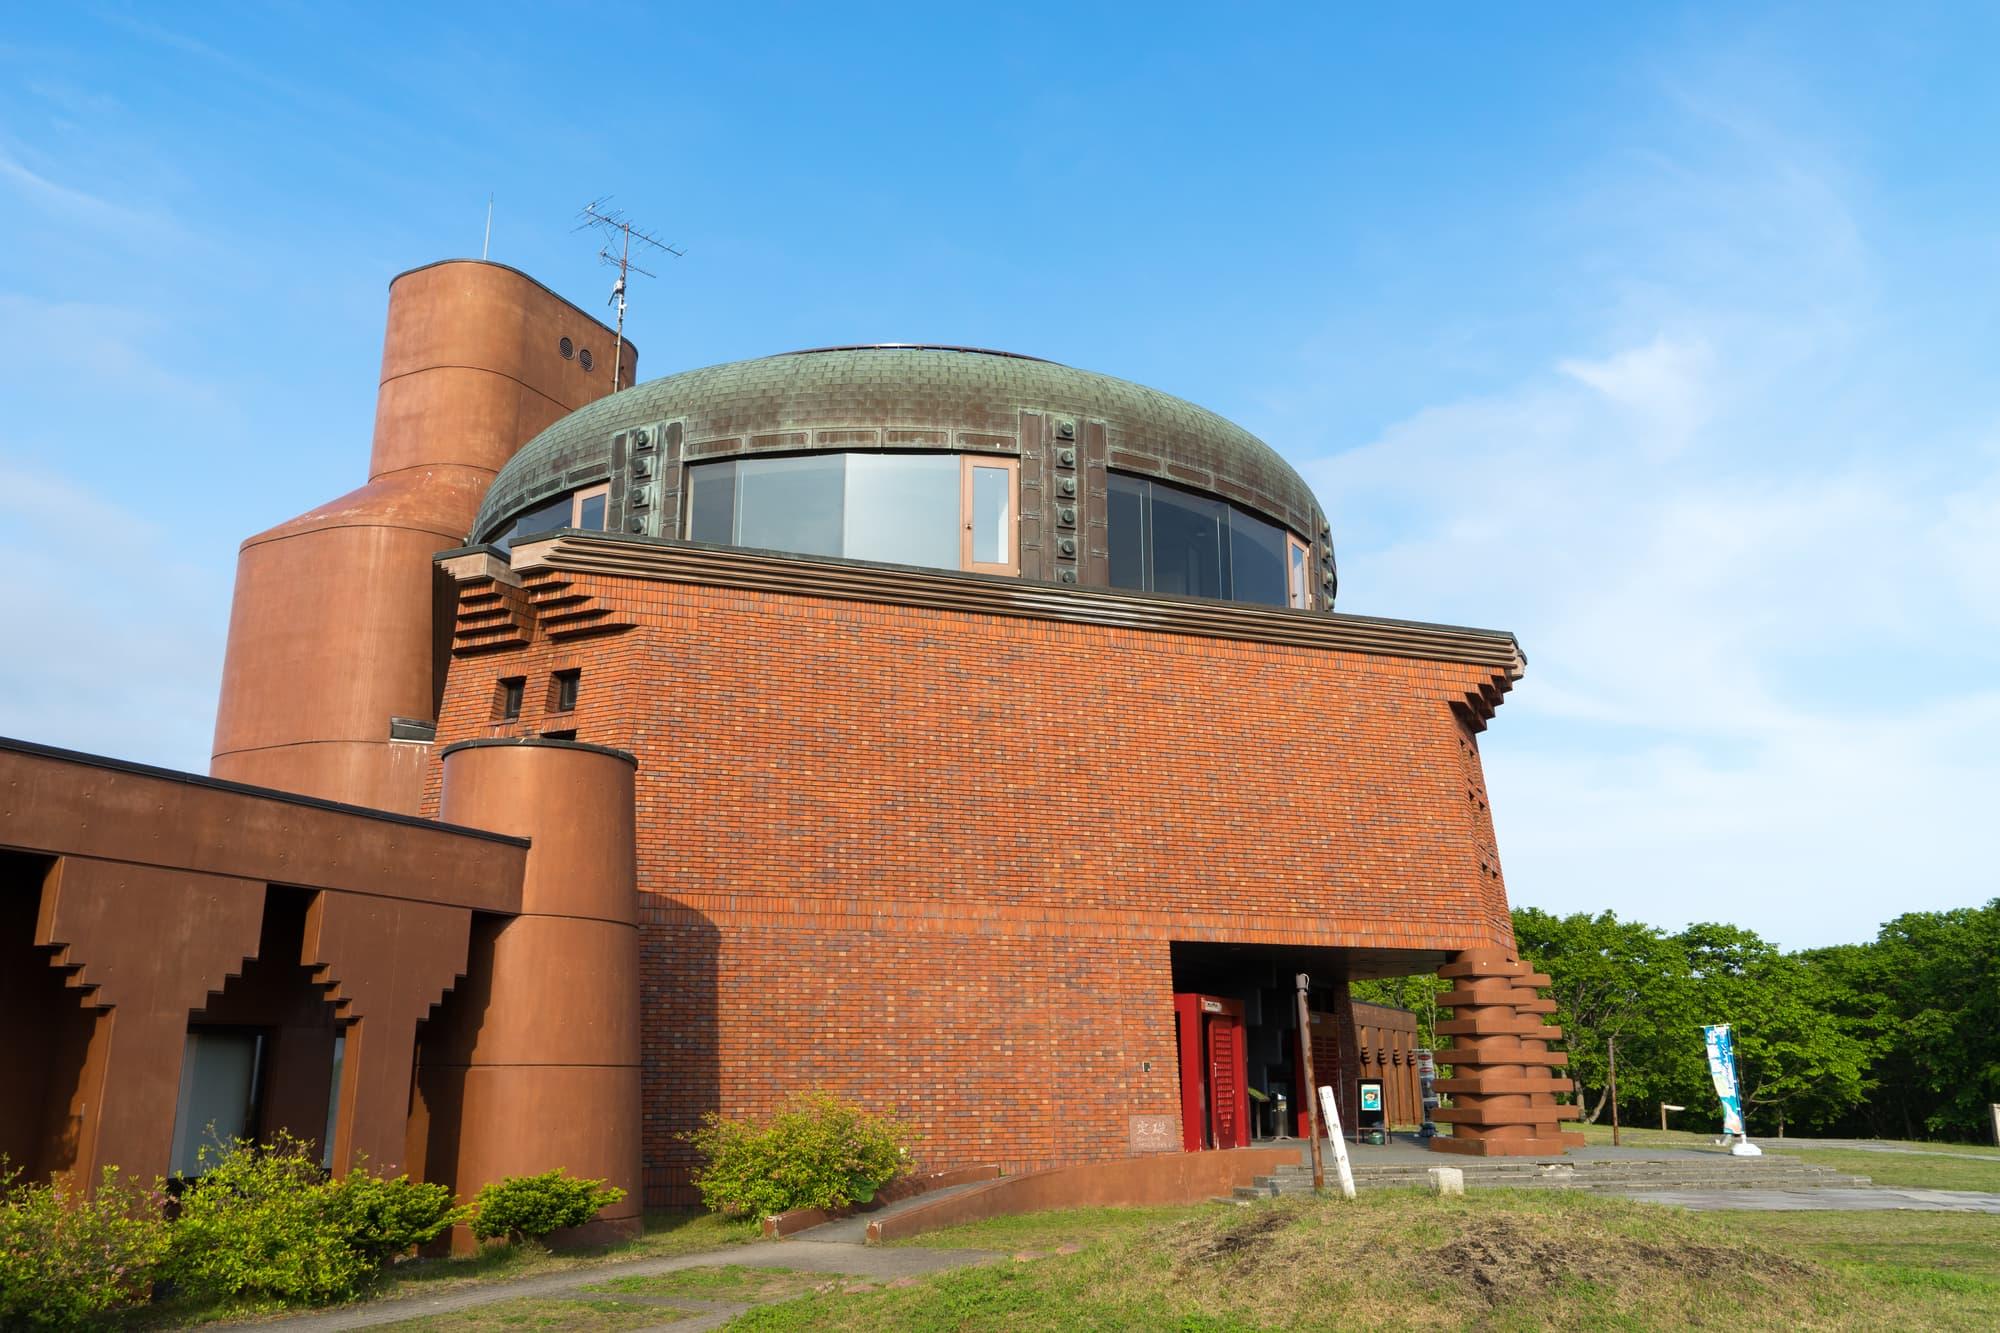 Exterior of Kushiro Marsh Observatory